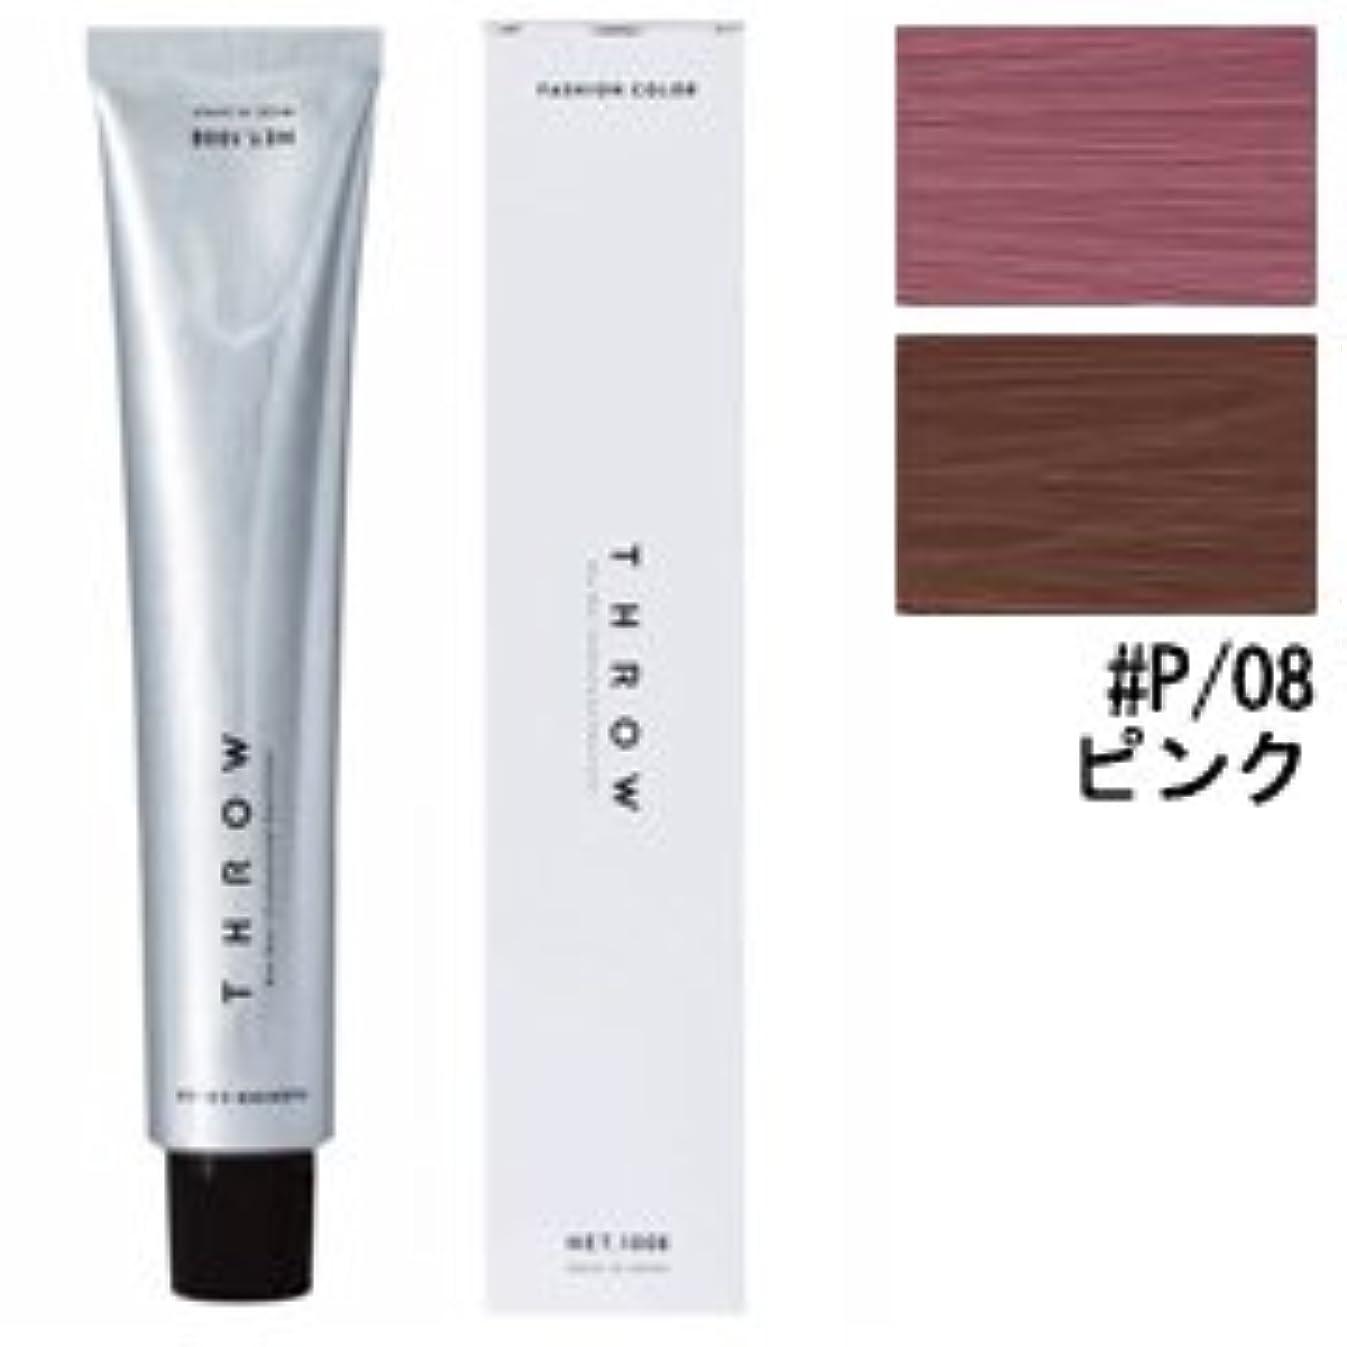 ハーフ不潔ハブ【モルトベーネ】スロウ ファッションカラー #P/08 ピンク 100g